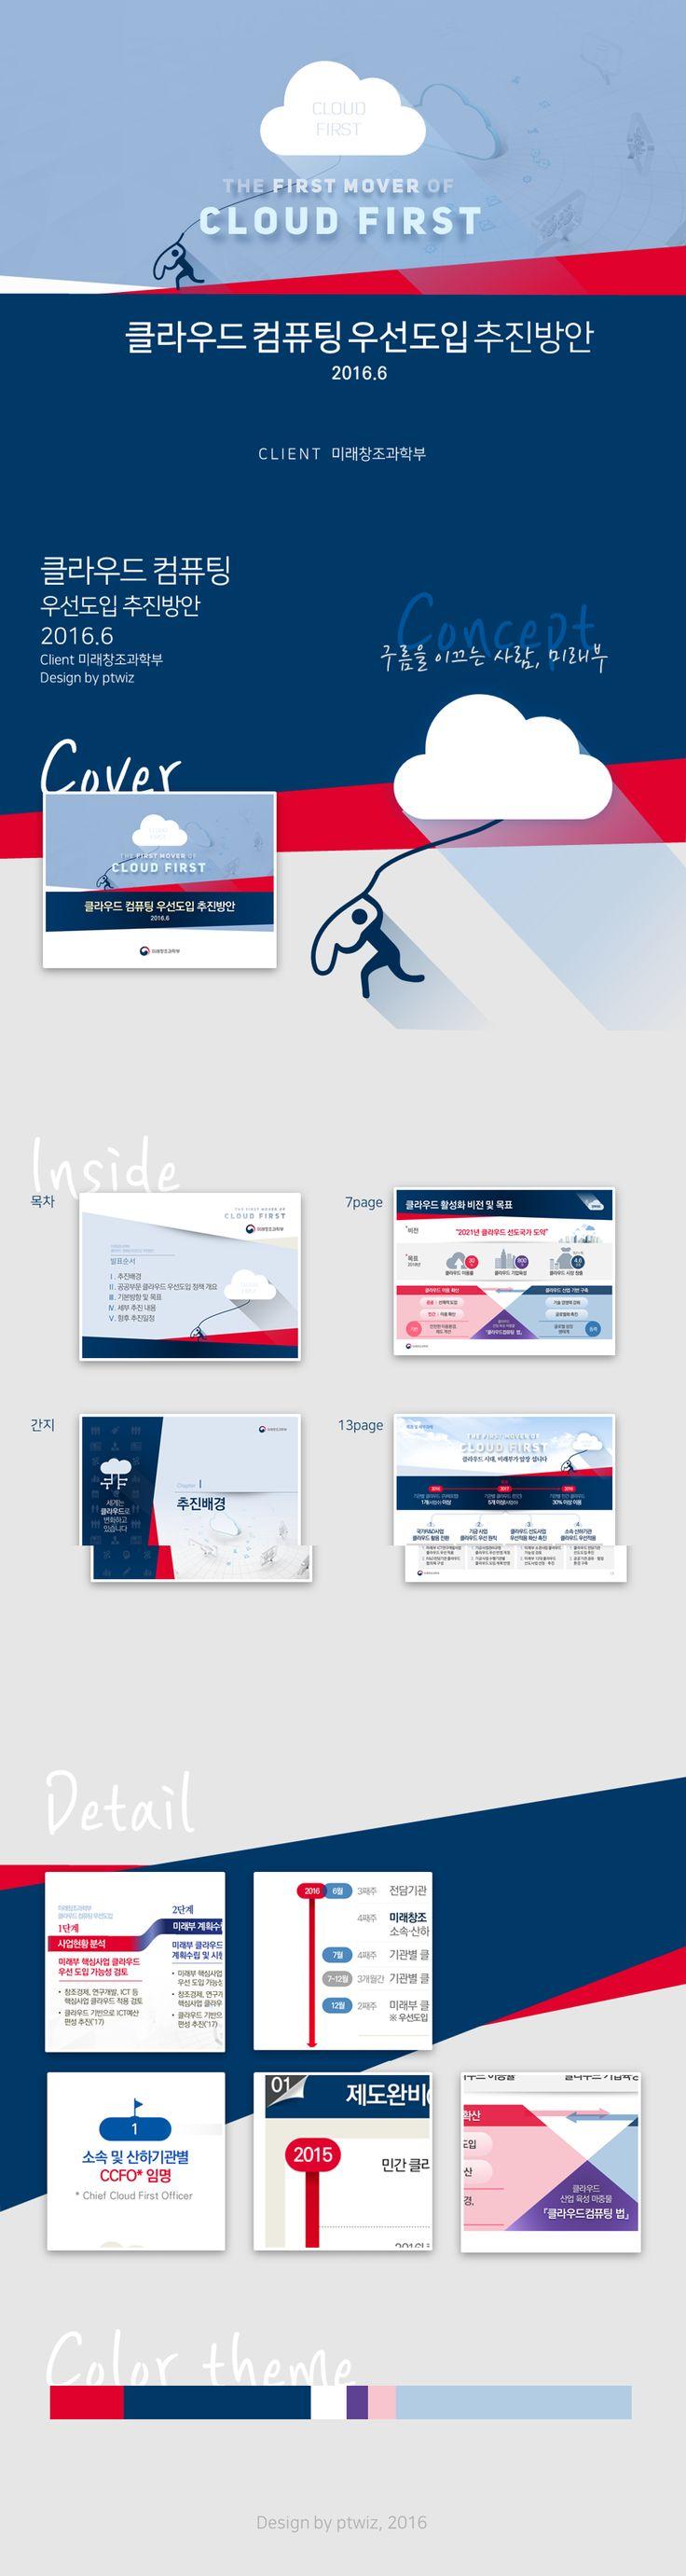 클라우드 우선도입 추진 방안 발표자료 / Presentation Design by PTWIZ / 클라이언트 : 미래창조과학부